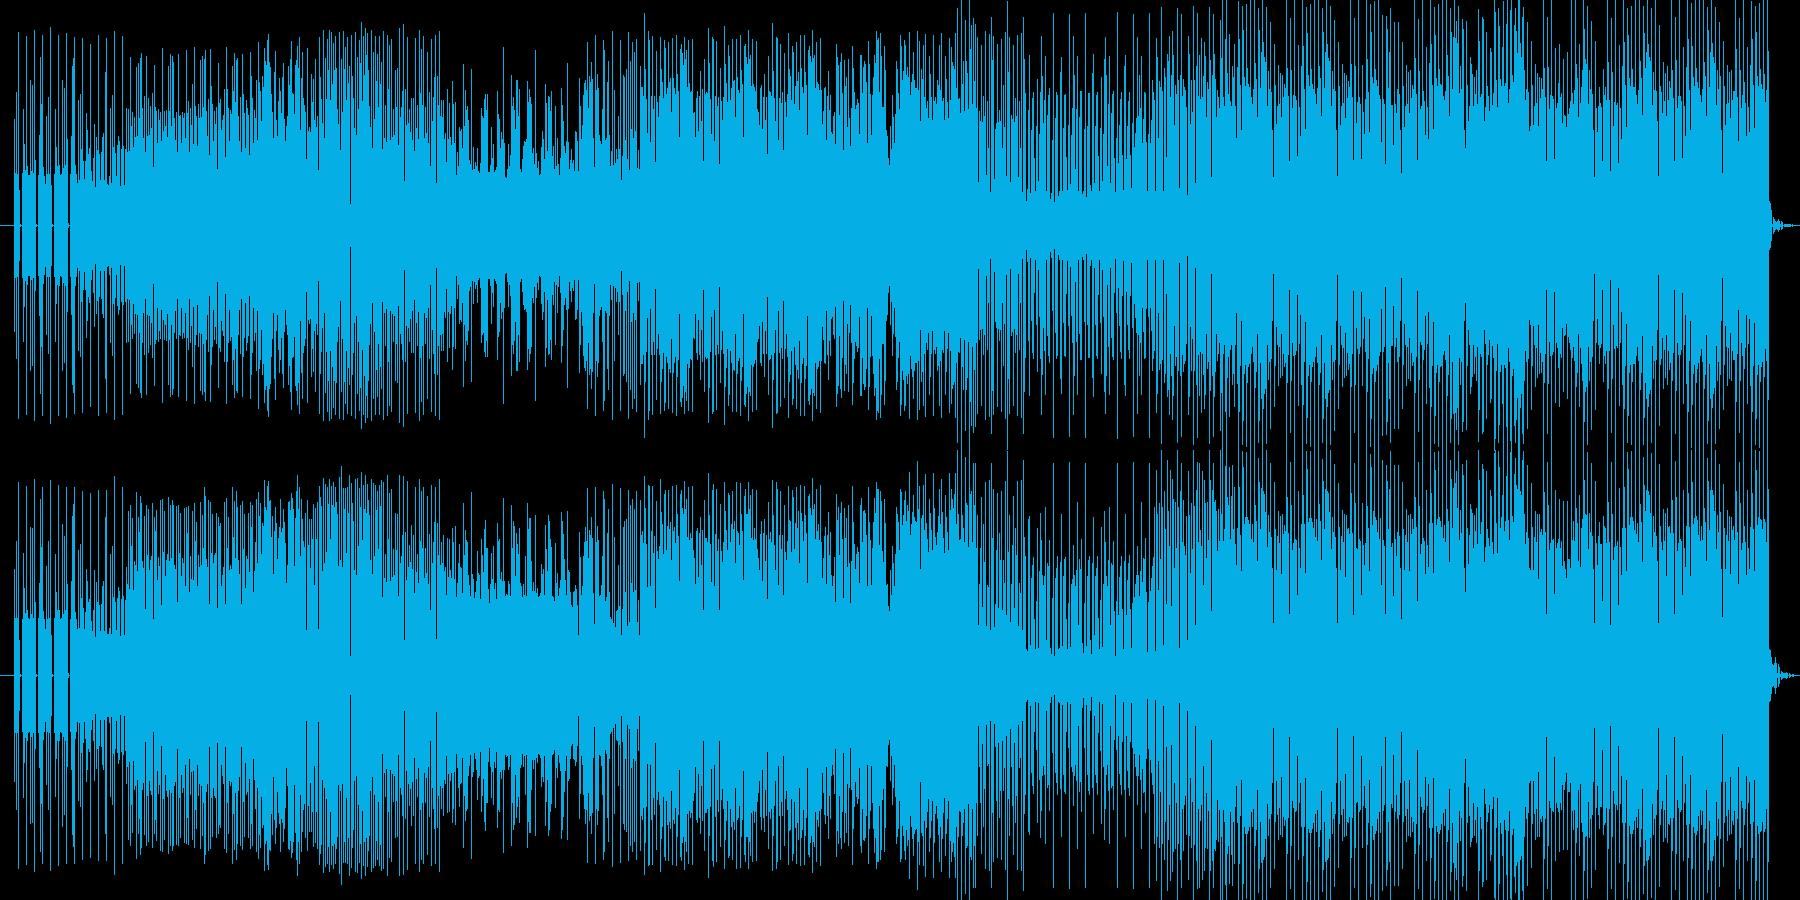 ゲーム音楽ですの再生済みの波形